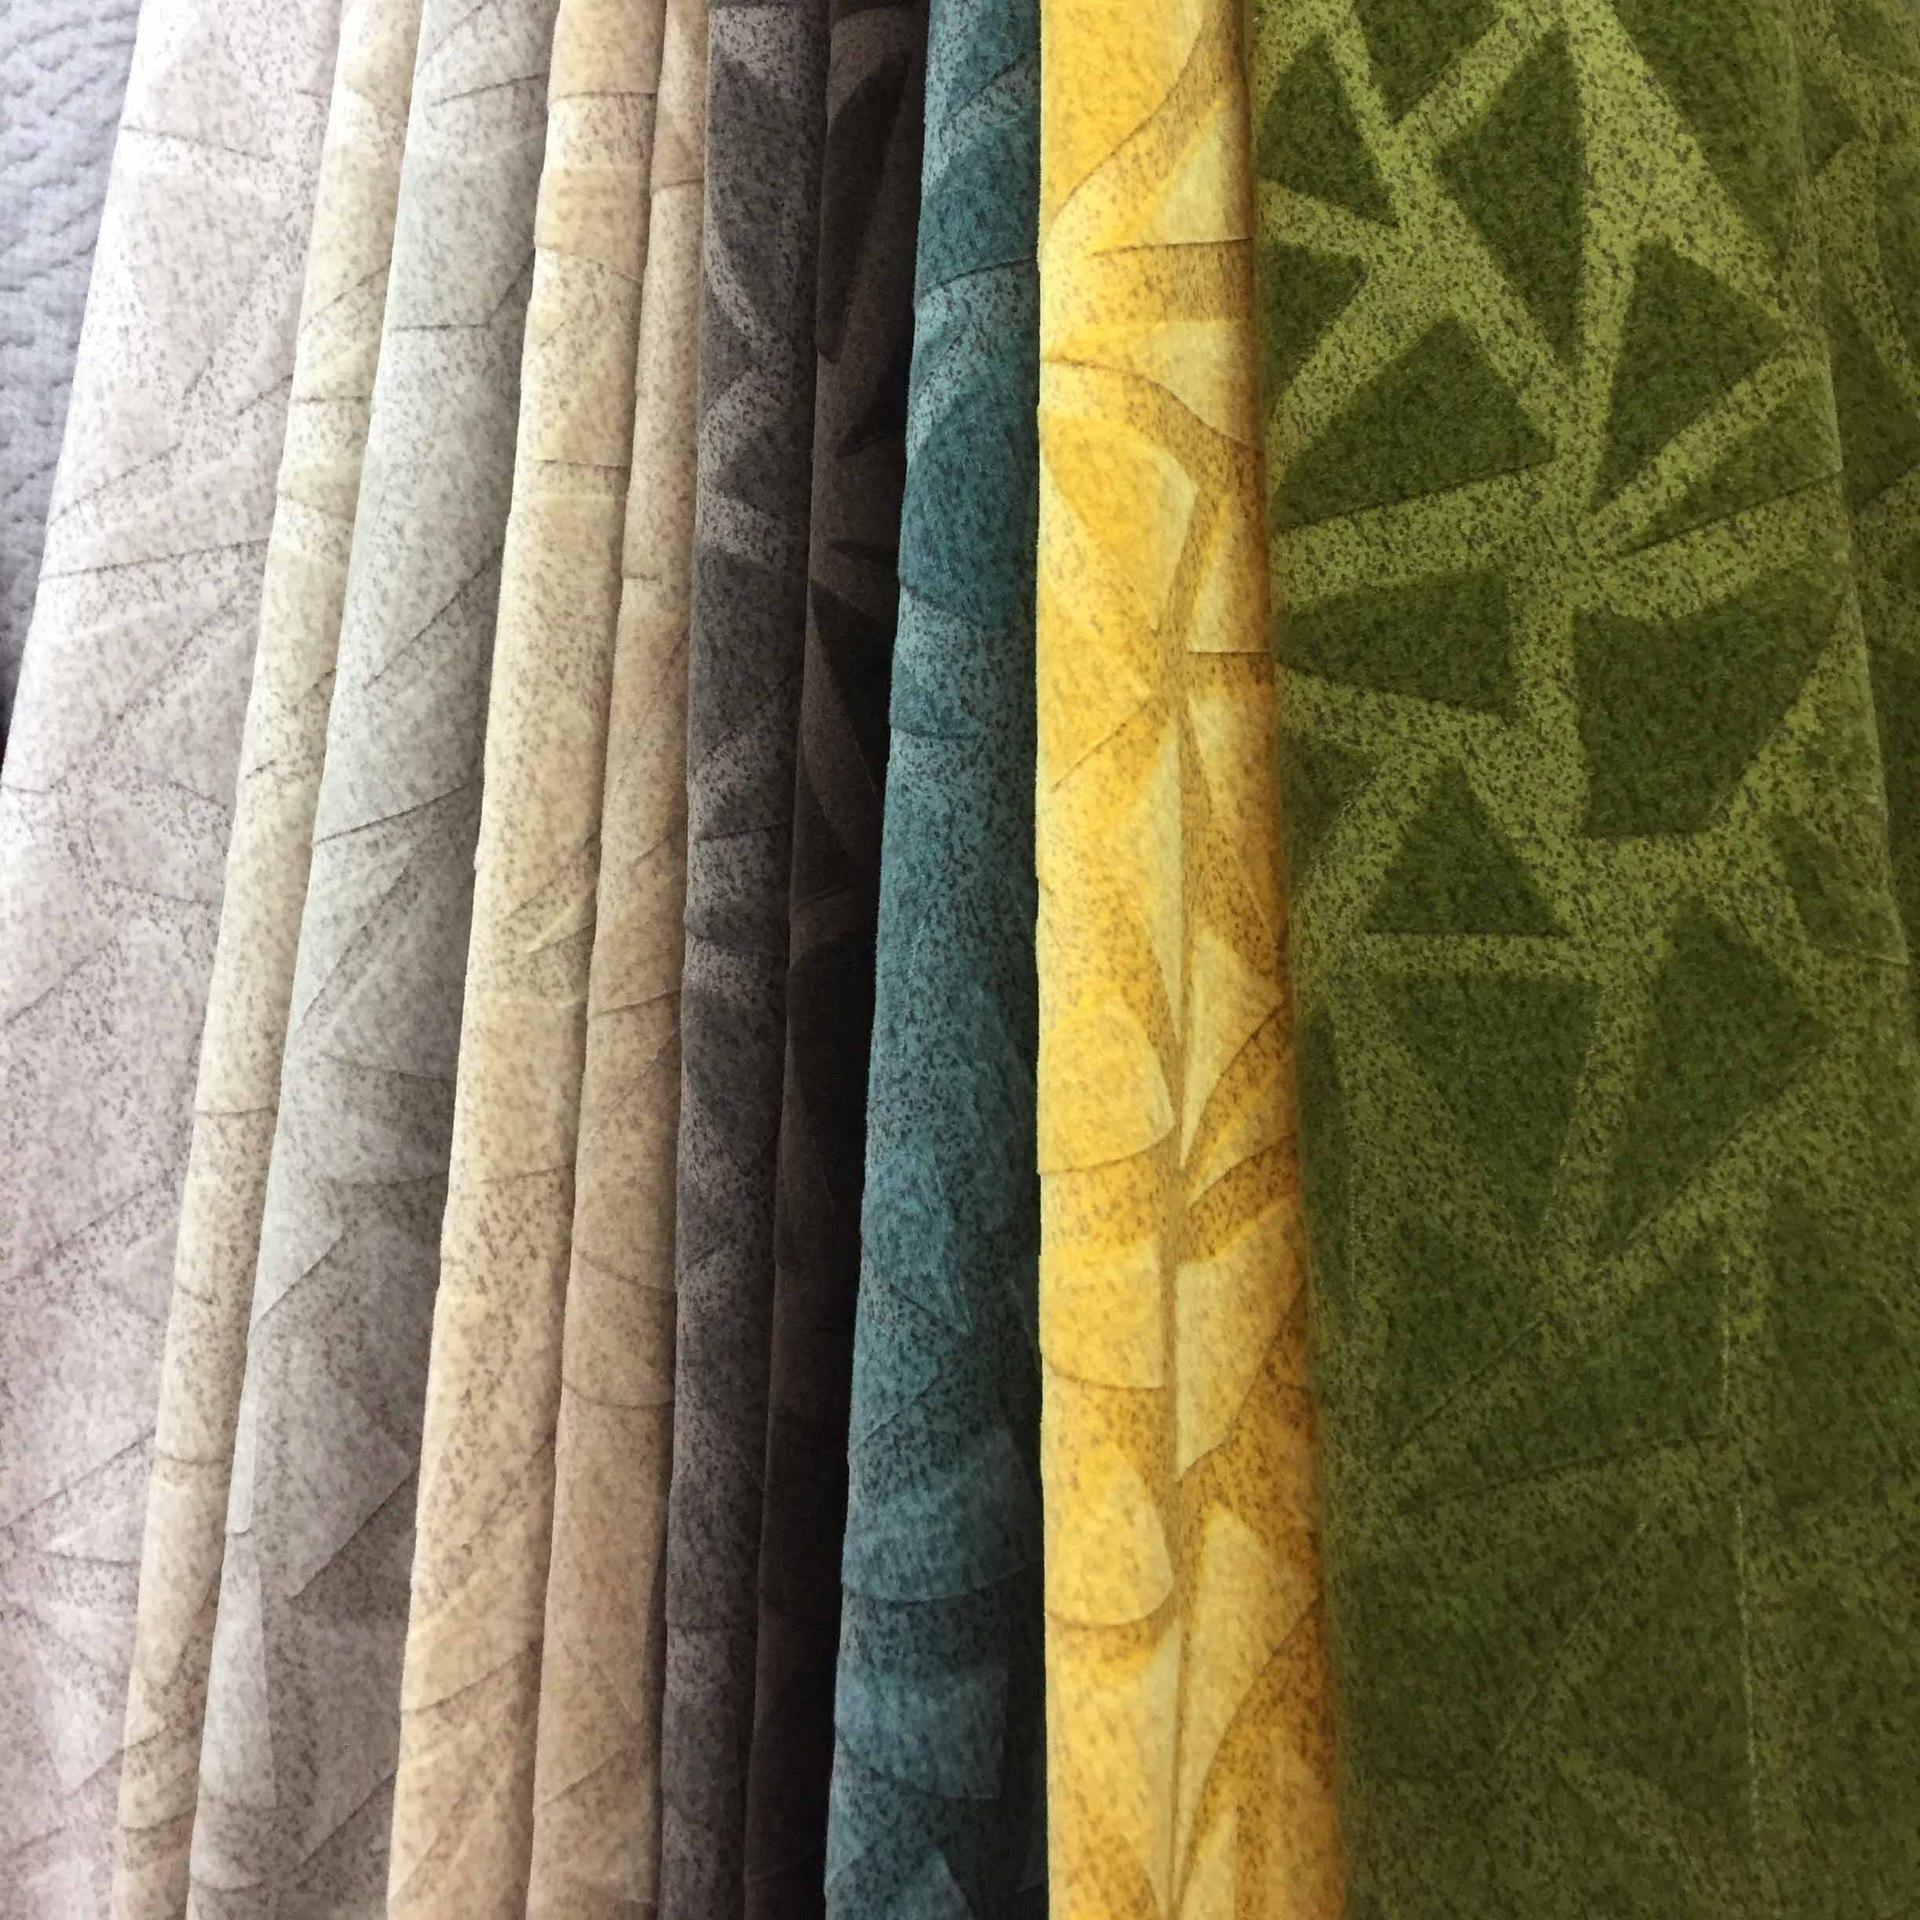 厂家直销2018新款荷兰绒科技绒沙发面料桌布抱枕装饰布复合布